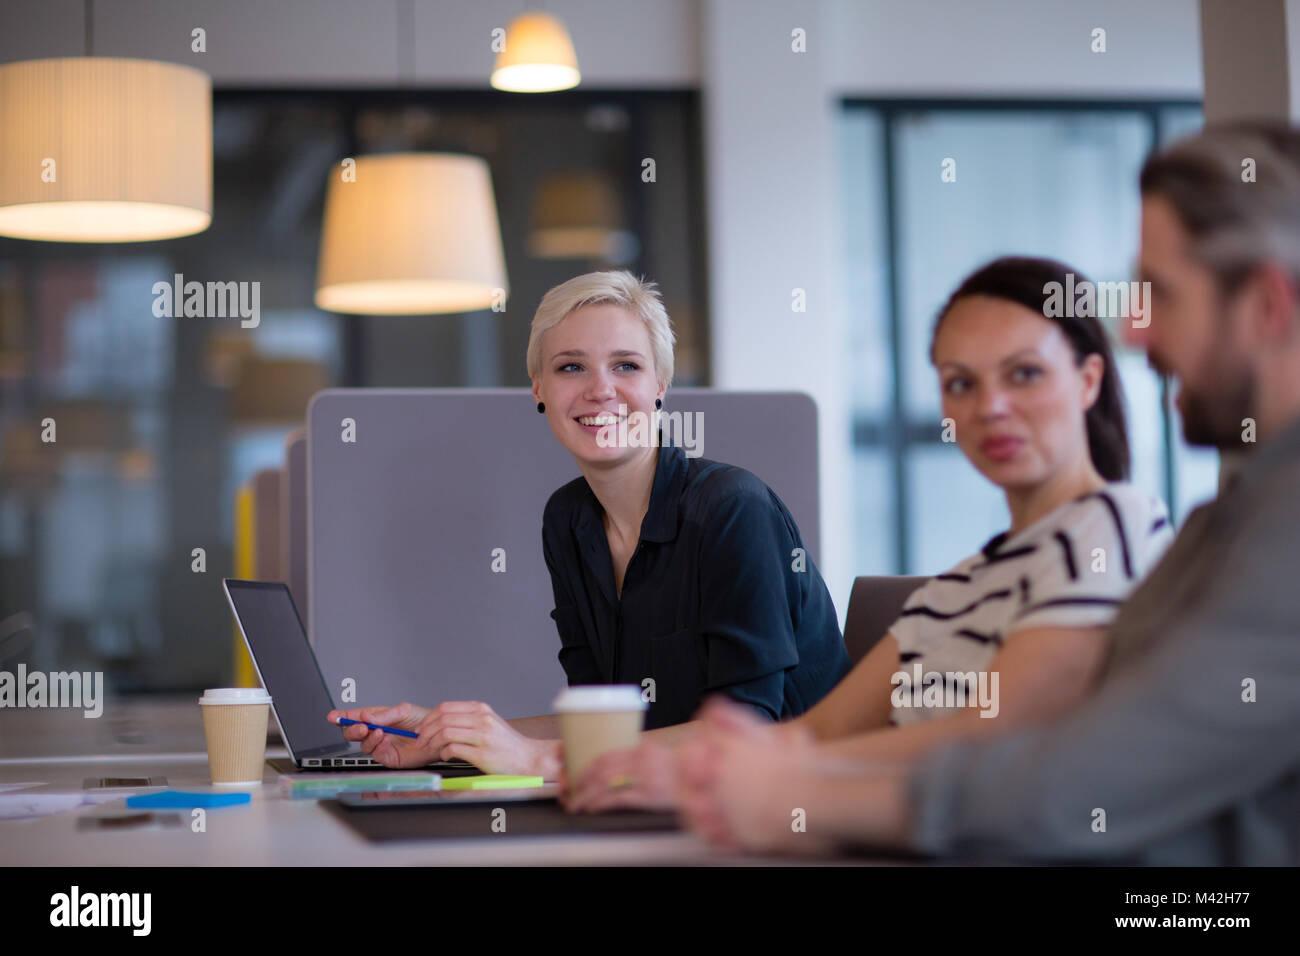 Des collègues d'affaires dans un cadre décontracté avec café réunion Photo Stock